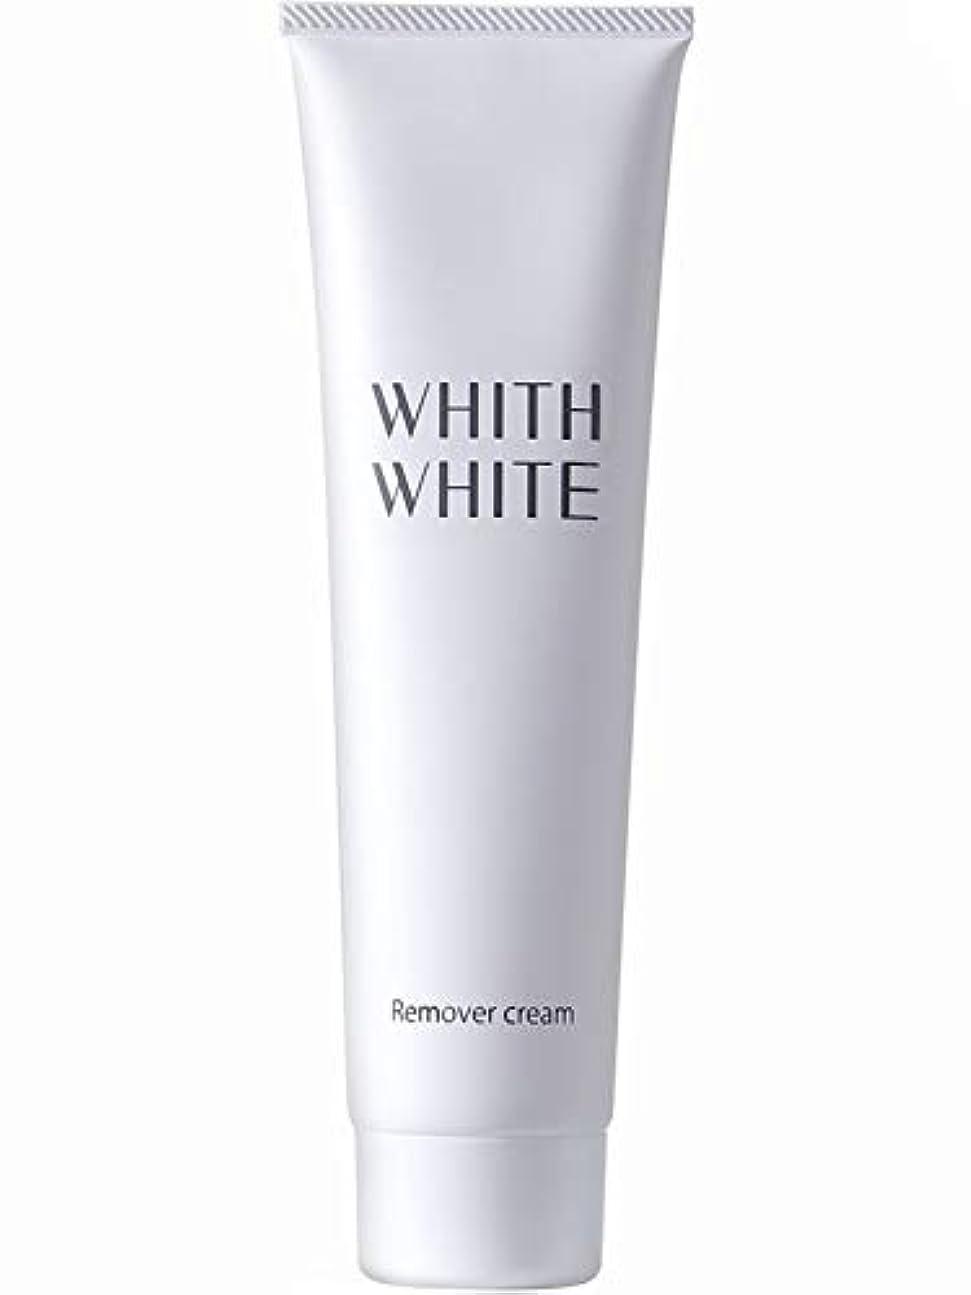 にもかかわらず飾る咲く【医薬部外品】 WHITH WHITE(フィス ホワイト) 除毛クリーム 150g 陰部 使用可能